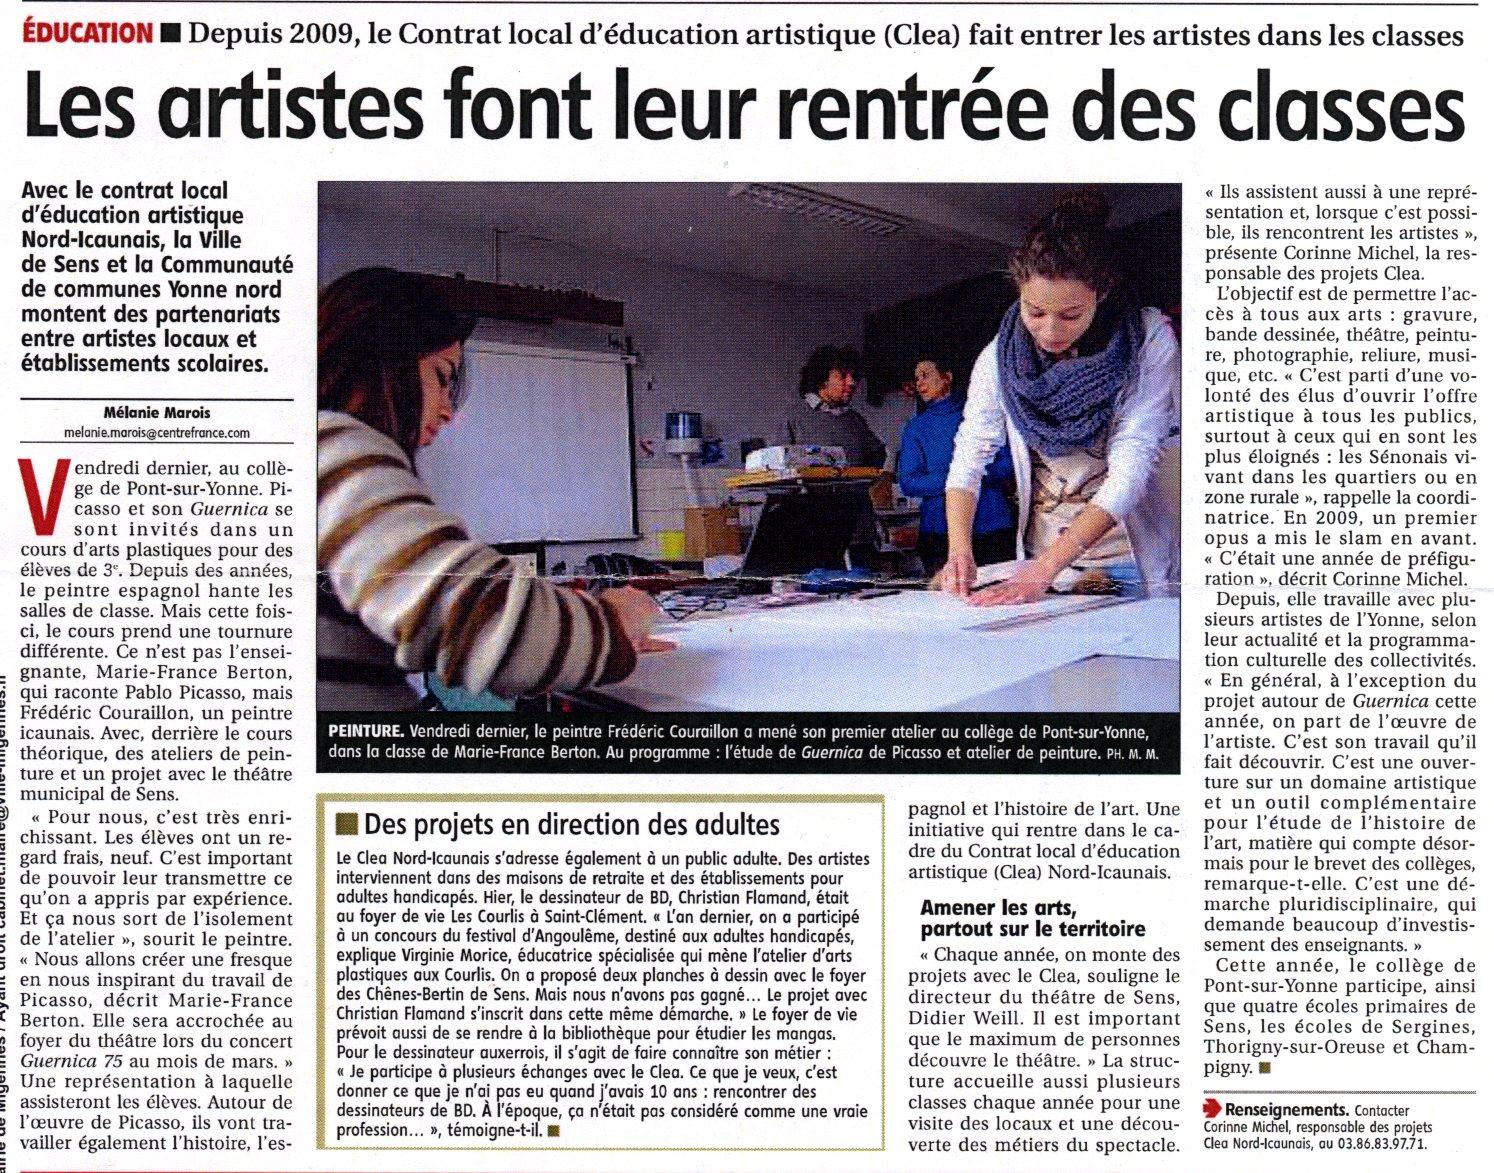 L'Yonne républicaine - 25 janv 2013